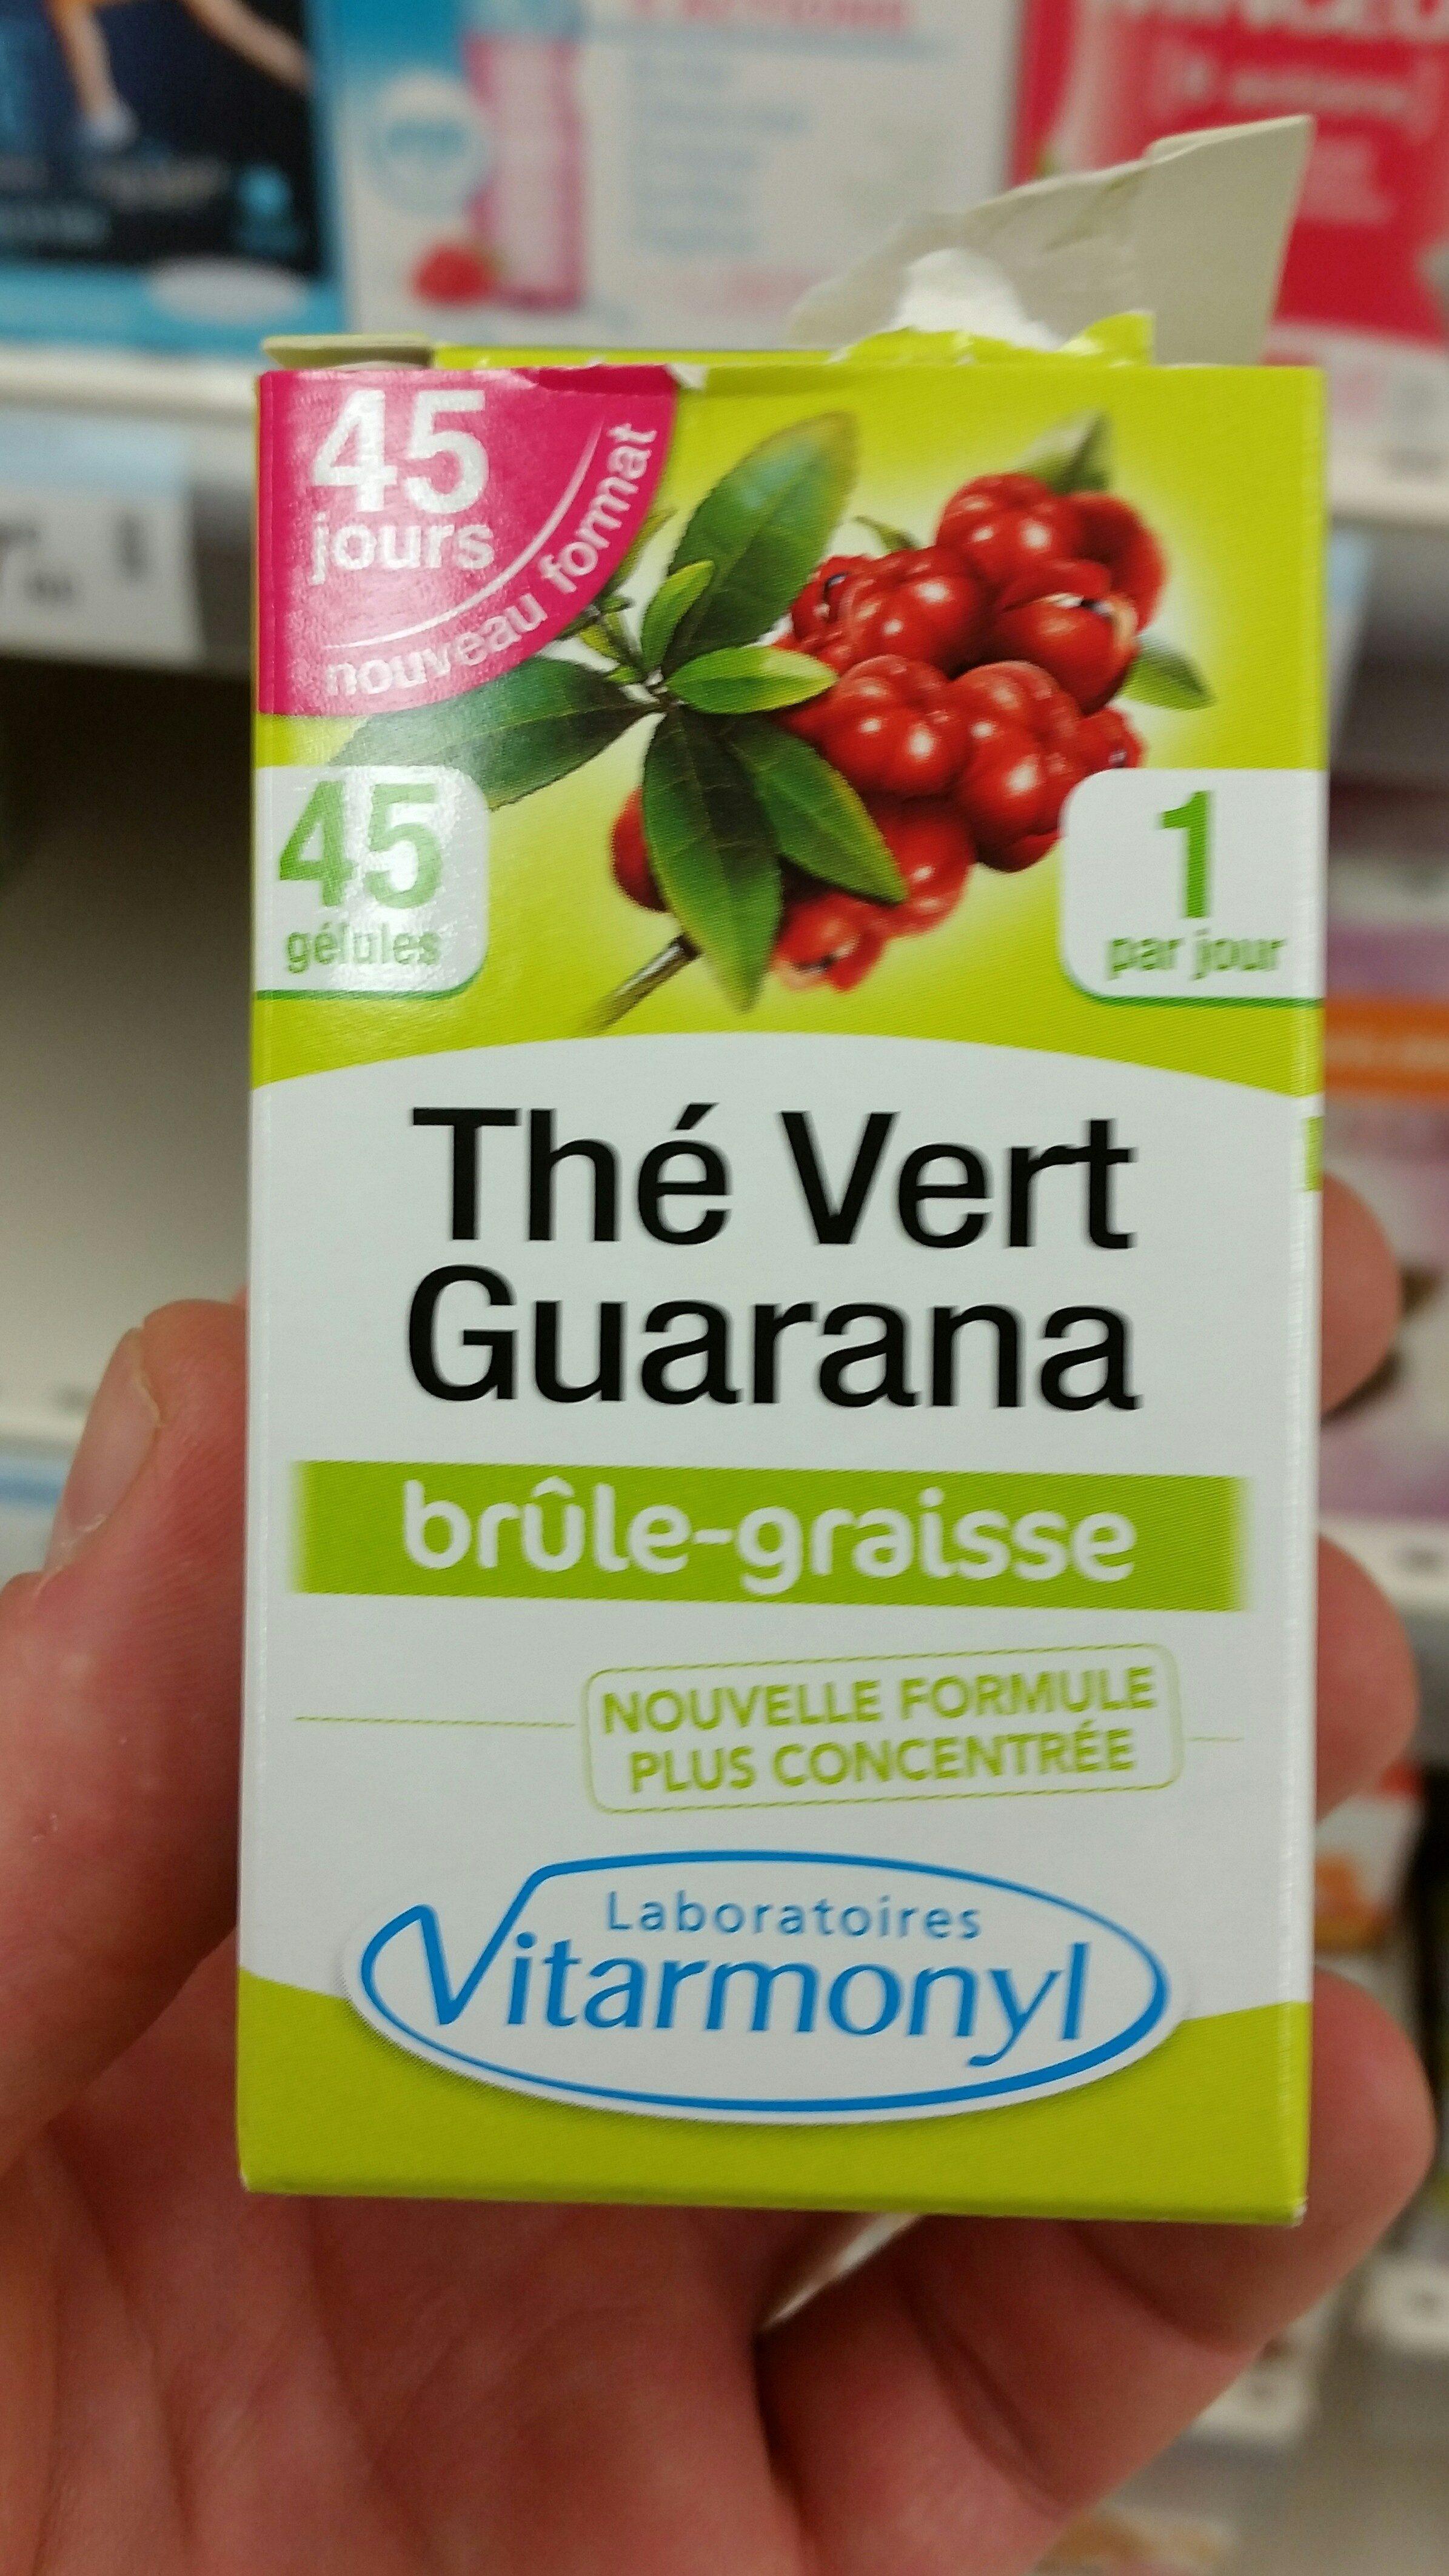 Thé vert guarana - Product - fr